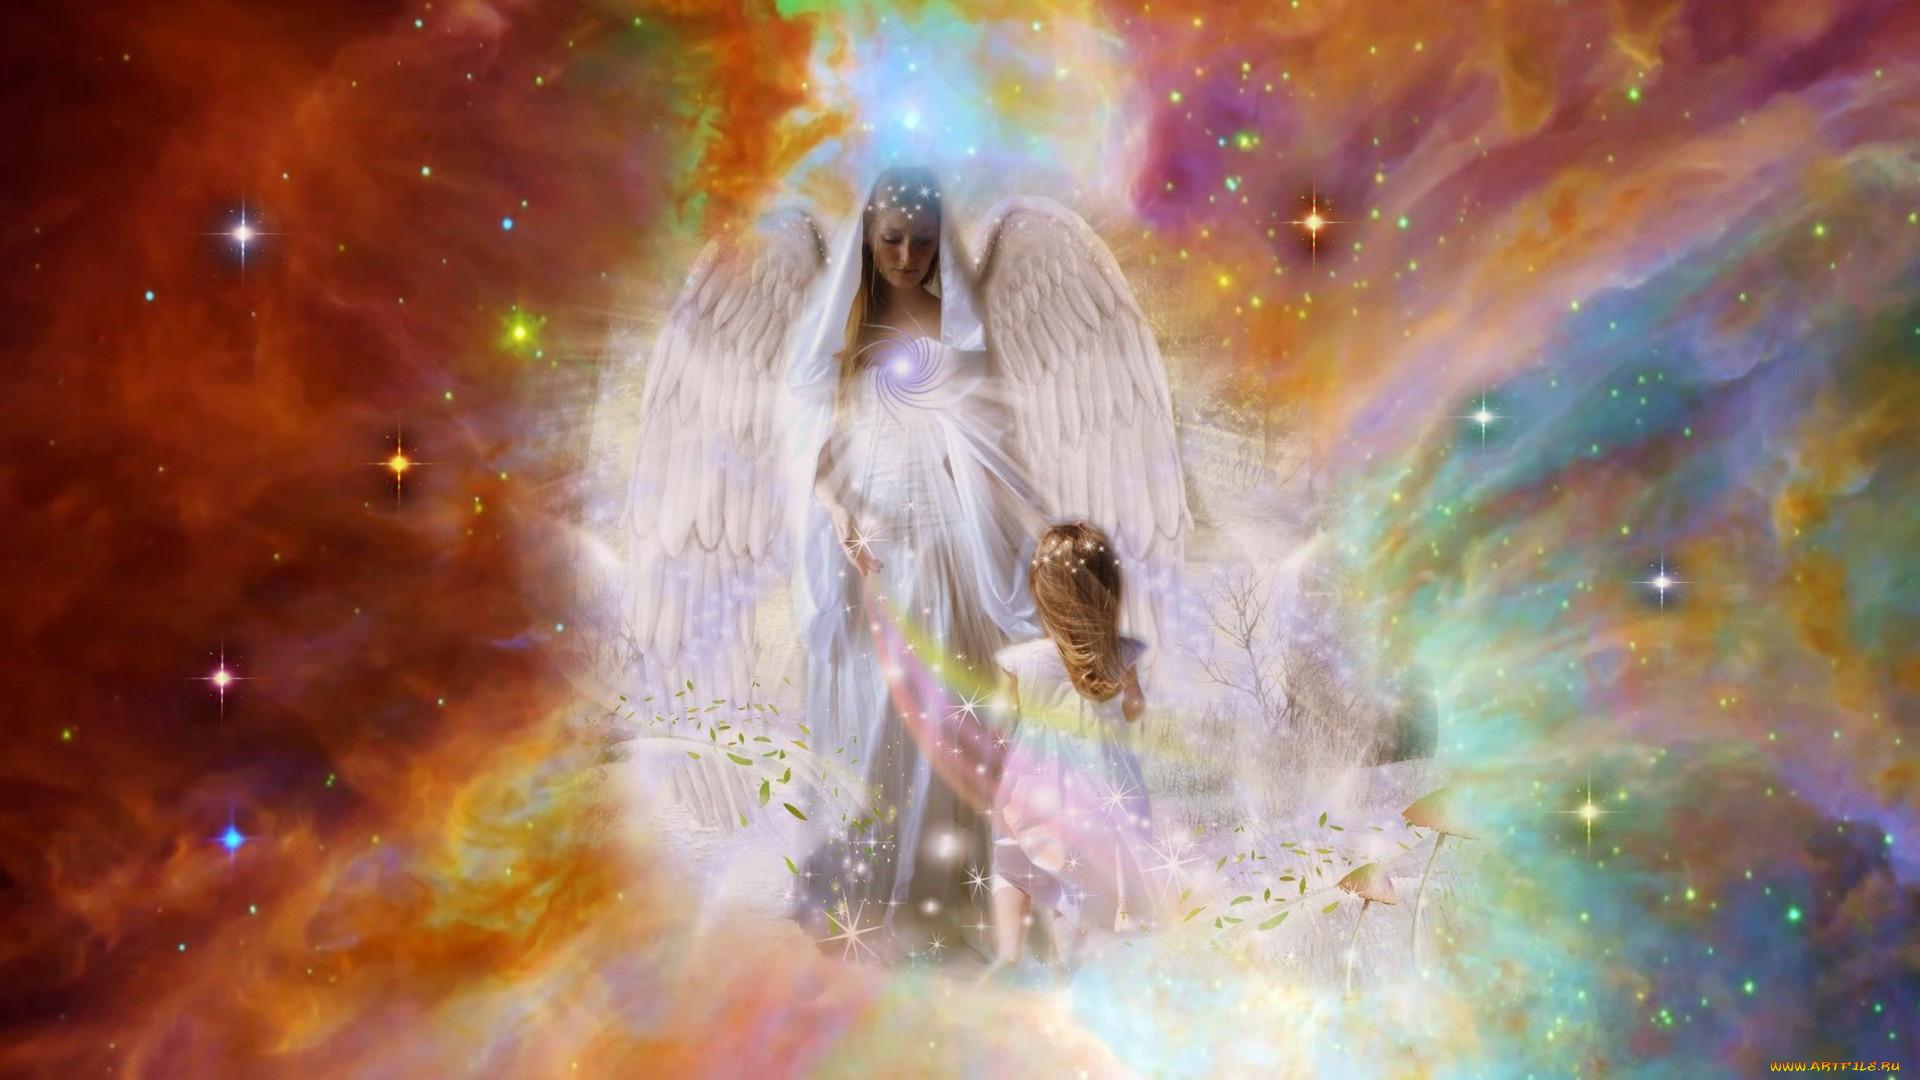 картинки ангельский хорошем качестве как